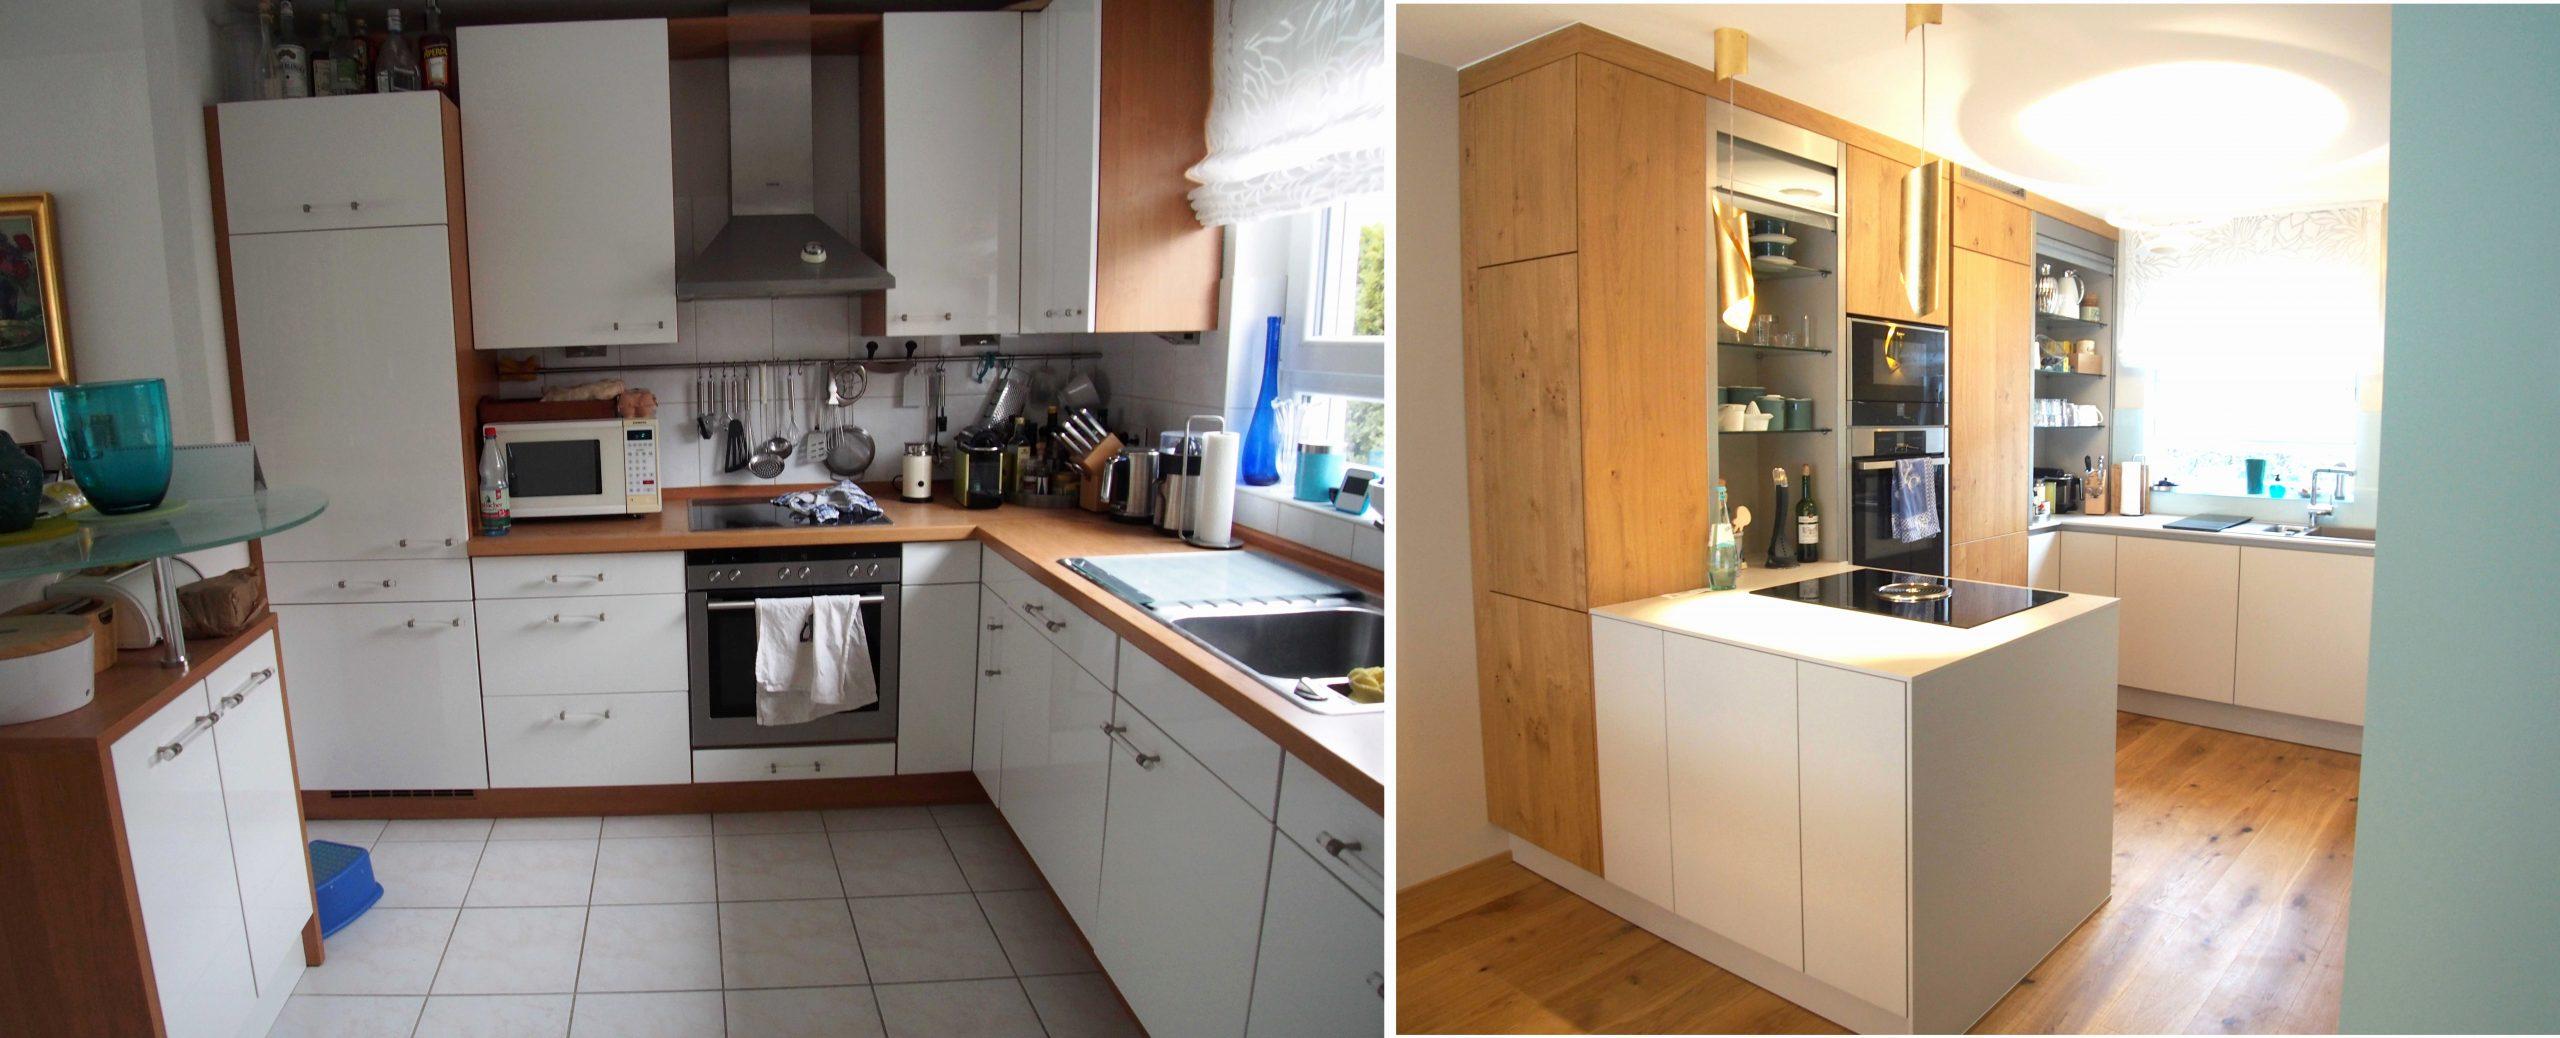 Full Size of Küche Mit Folie Bekleben Vorher Nachher Elegant Was Kostet Ikea Kuche Preis Ikea Kuche Natur Weiss Tipps Fur 17 Küche Was Kostet Eine Küche